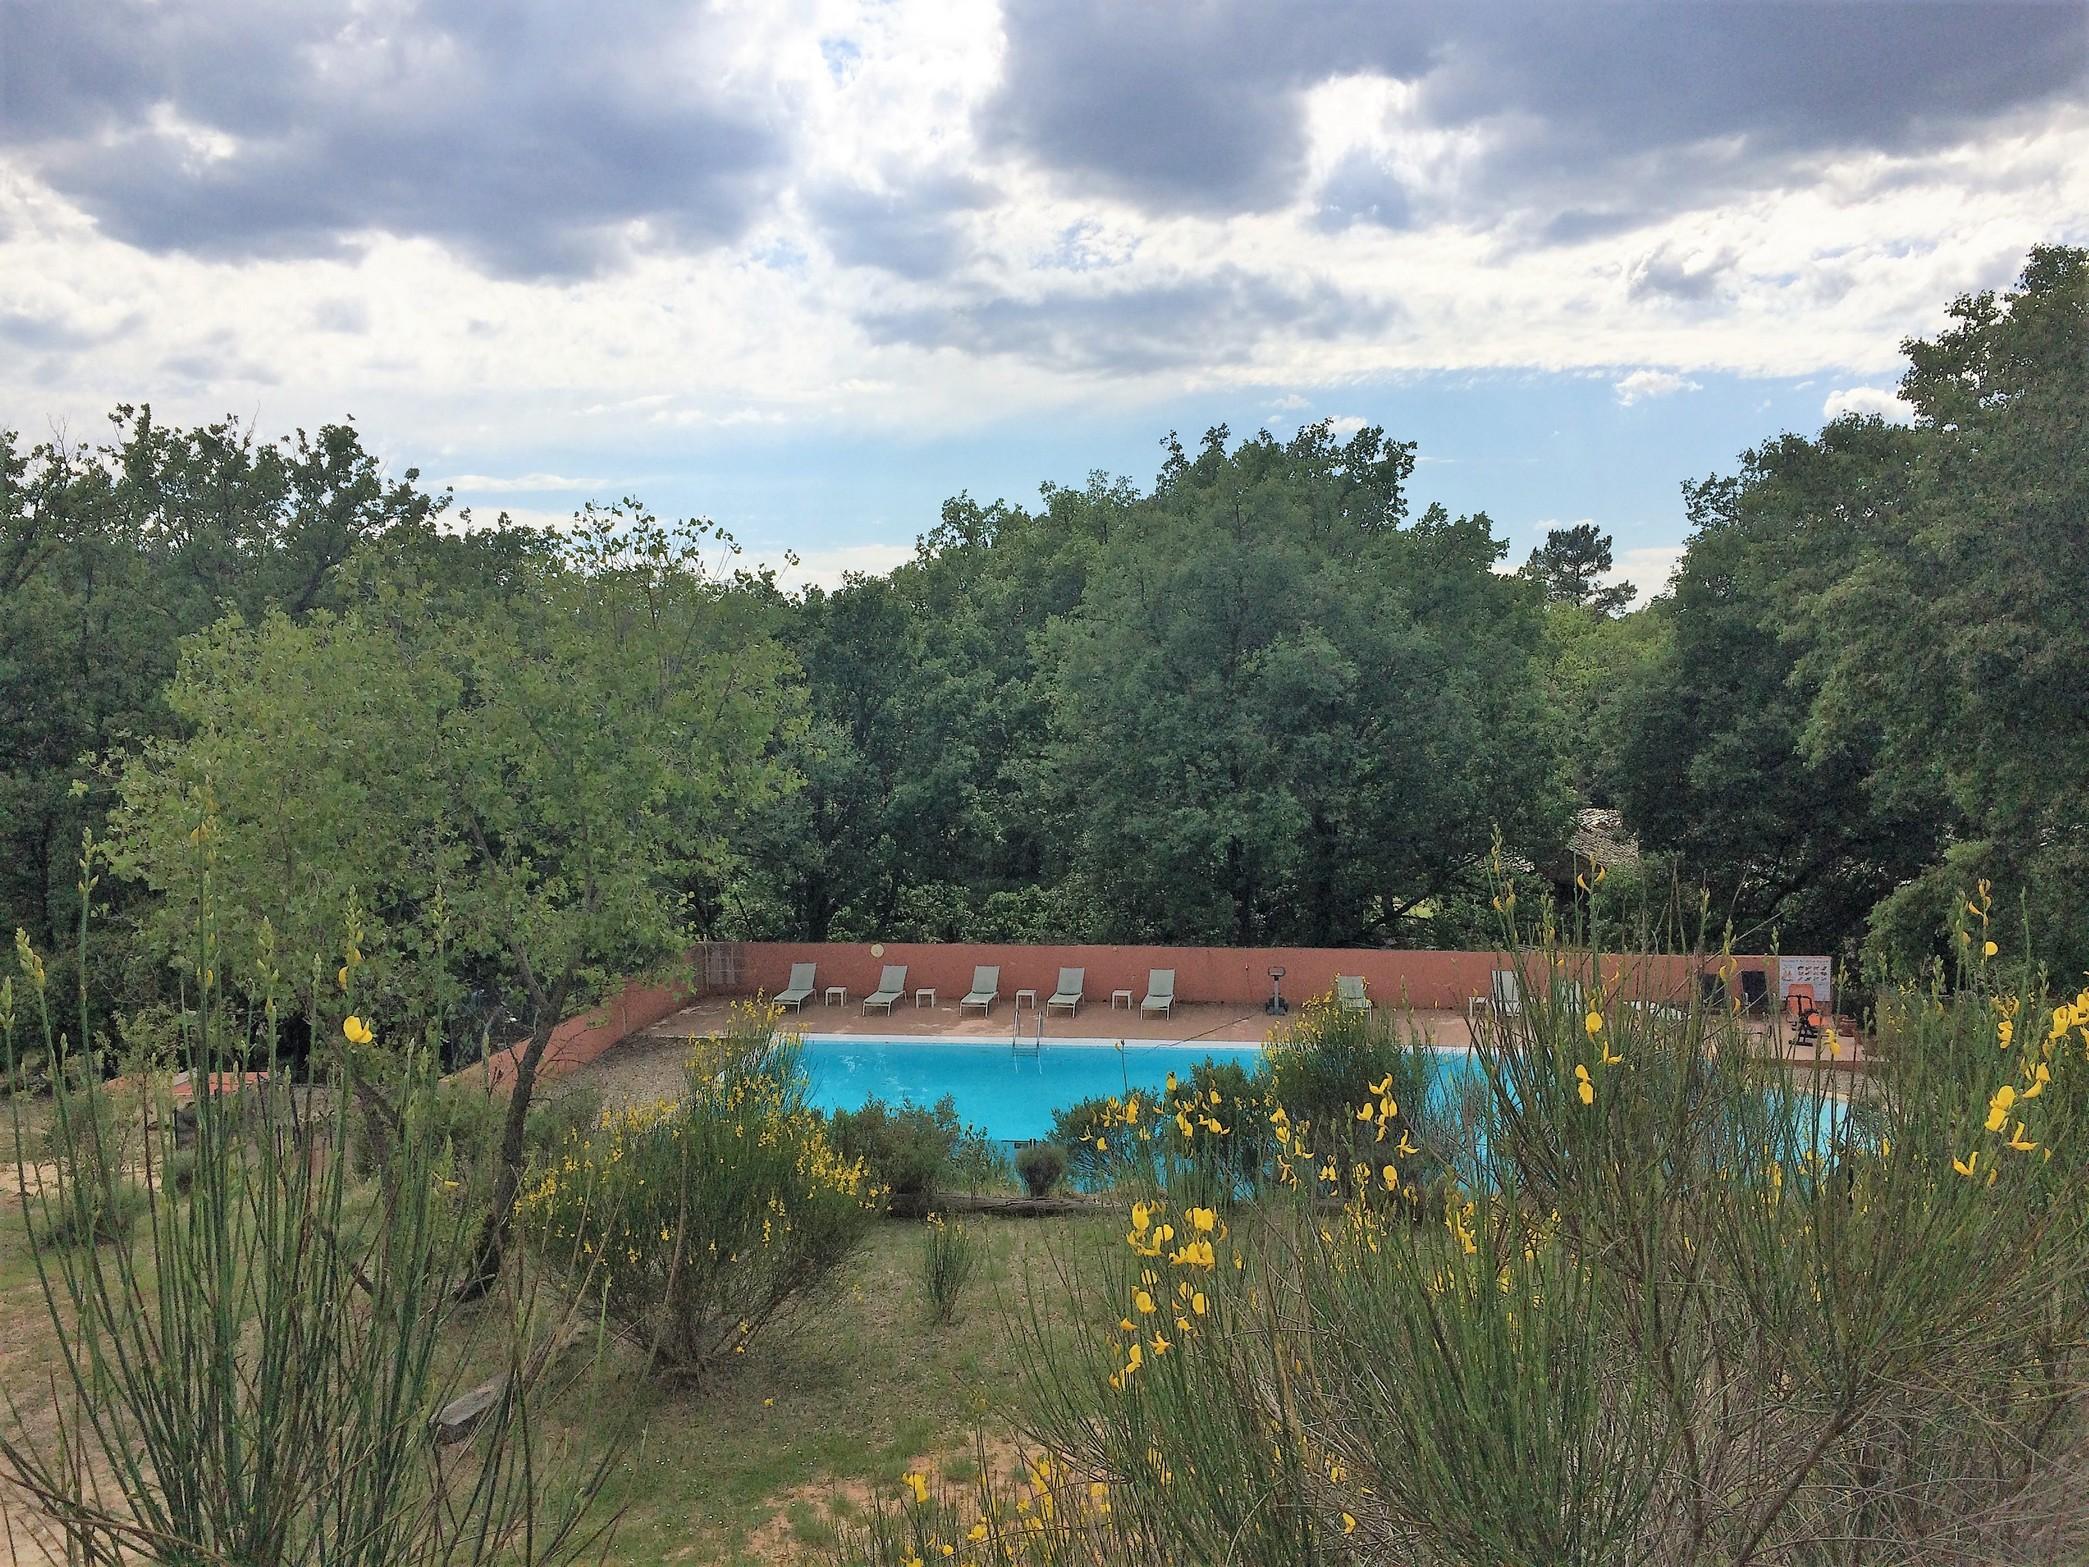 Village de vacances sur emplacement de 1er ordre ref vv for Village vacances piscine